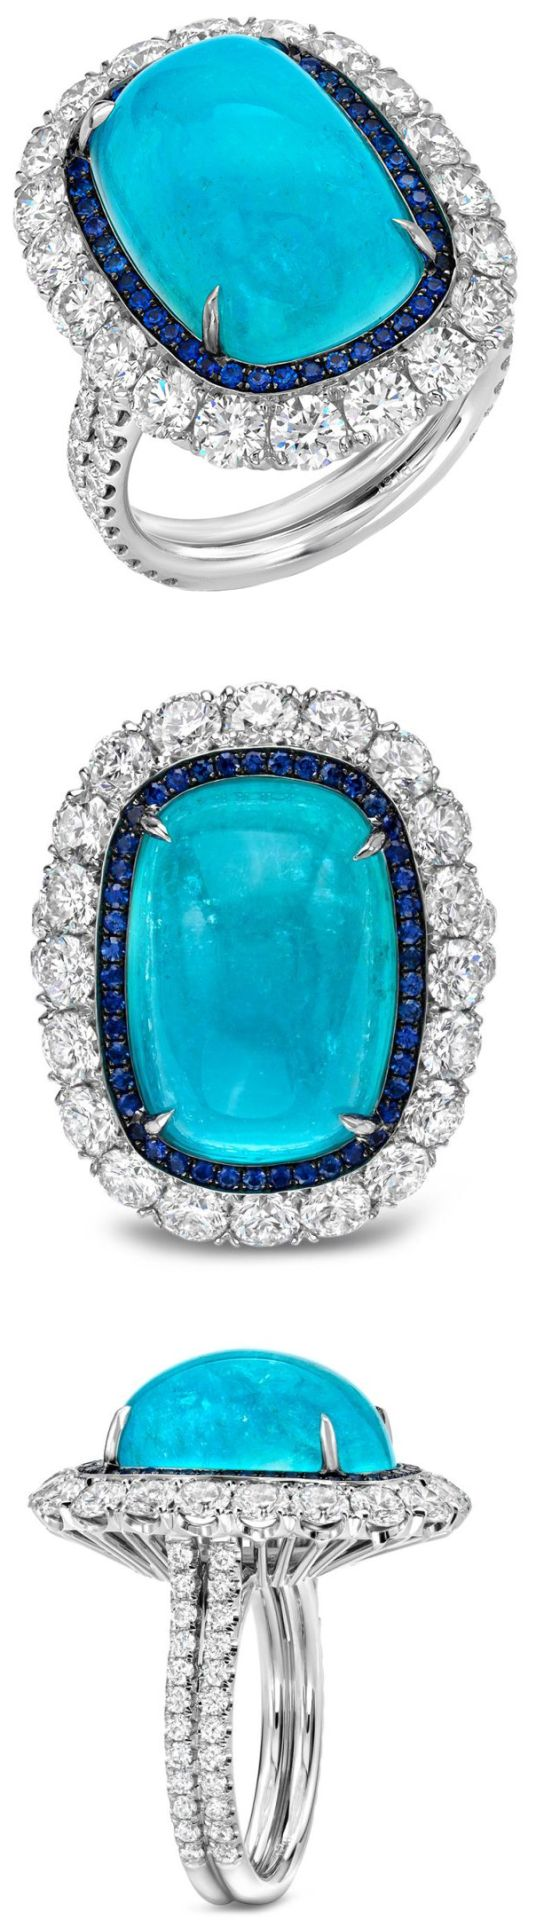 Glorious Paraiba Tourmaline, Sapphire and Diamond Ring by Tamir 12.34ct Brazilian Paraiba Tourmaline